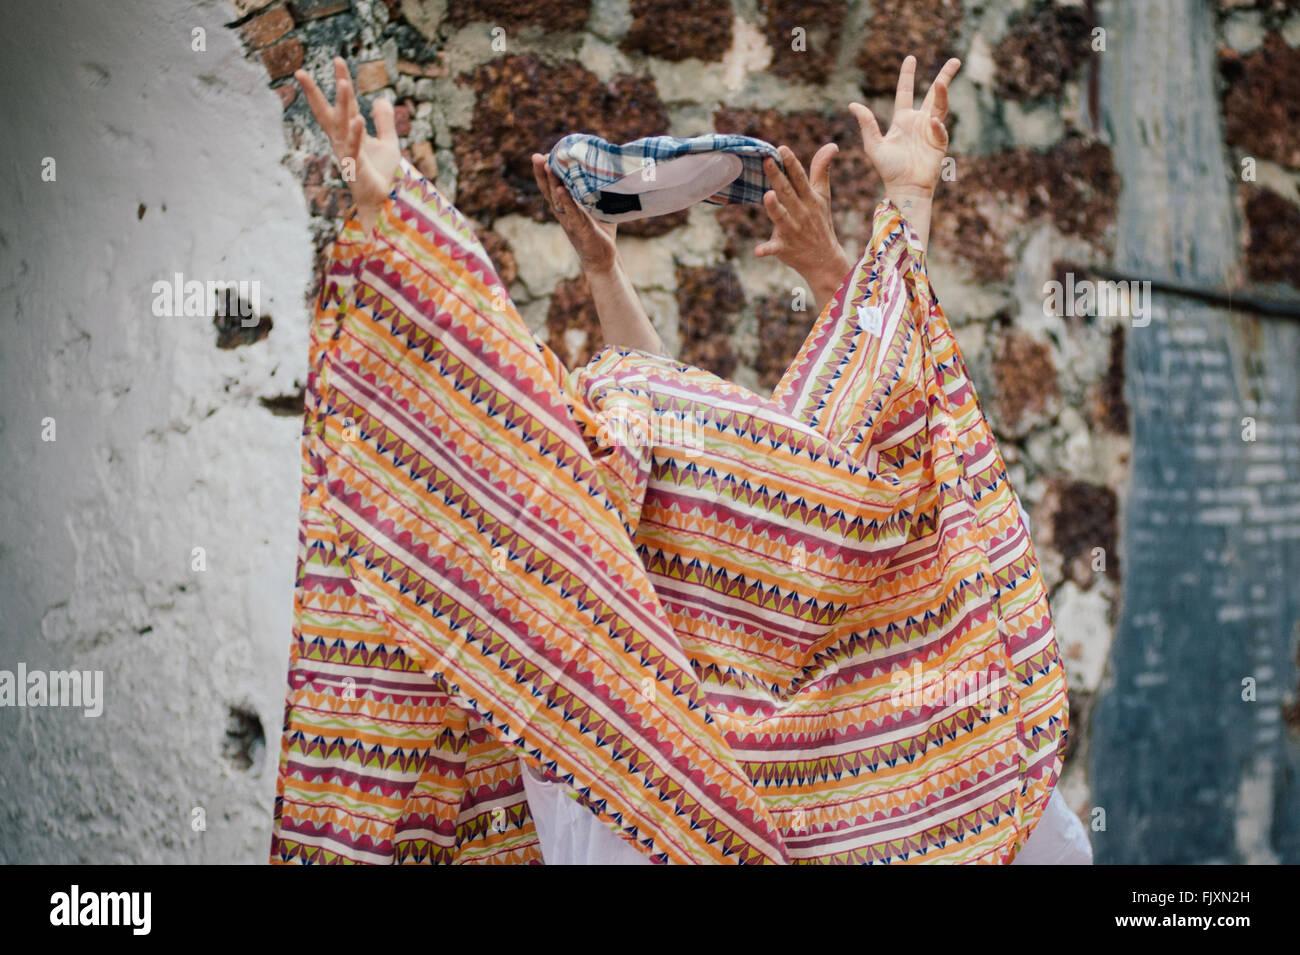 Personas que se esconden bajo una manta durante el tradicional Festival Imagen De Stock